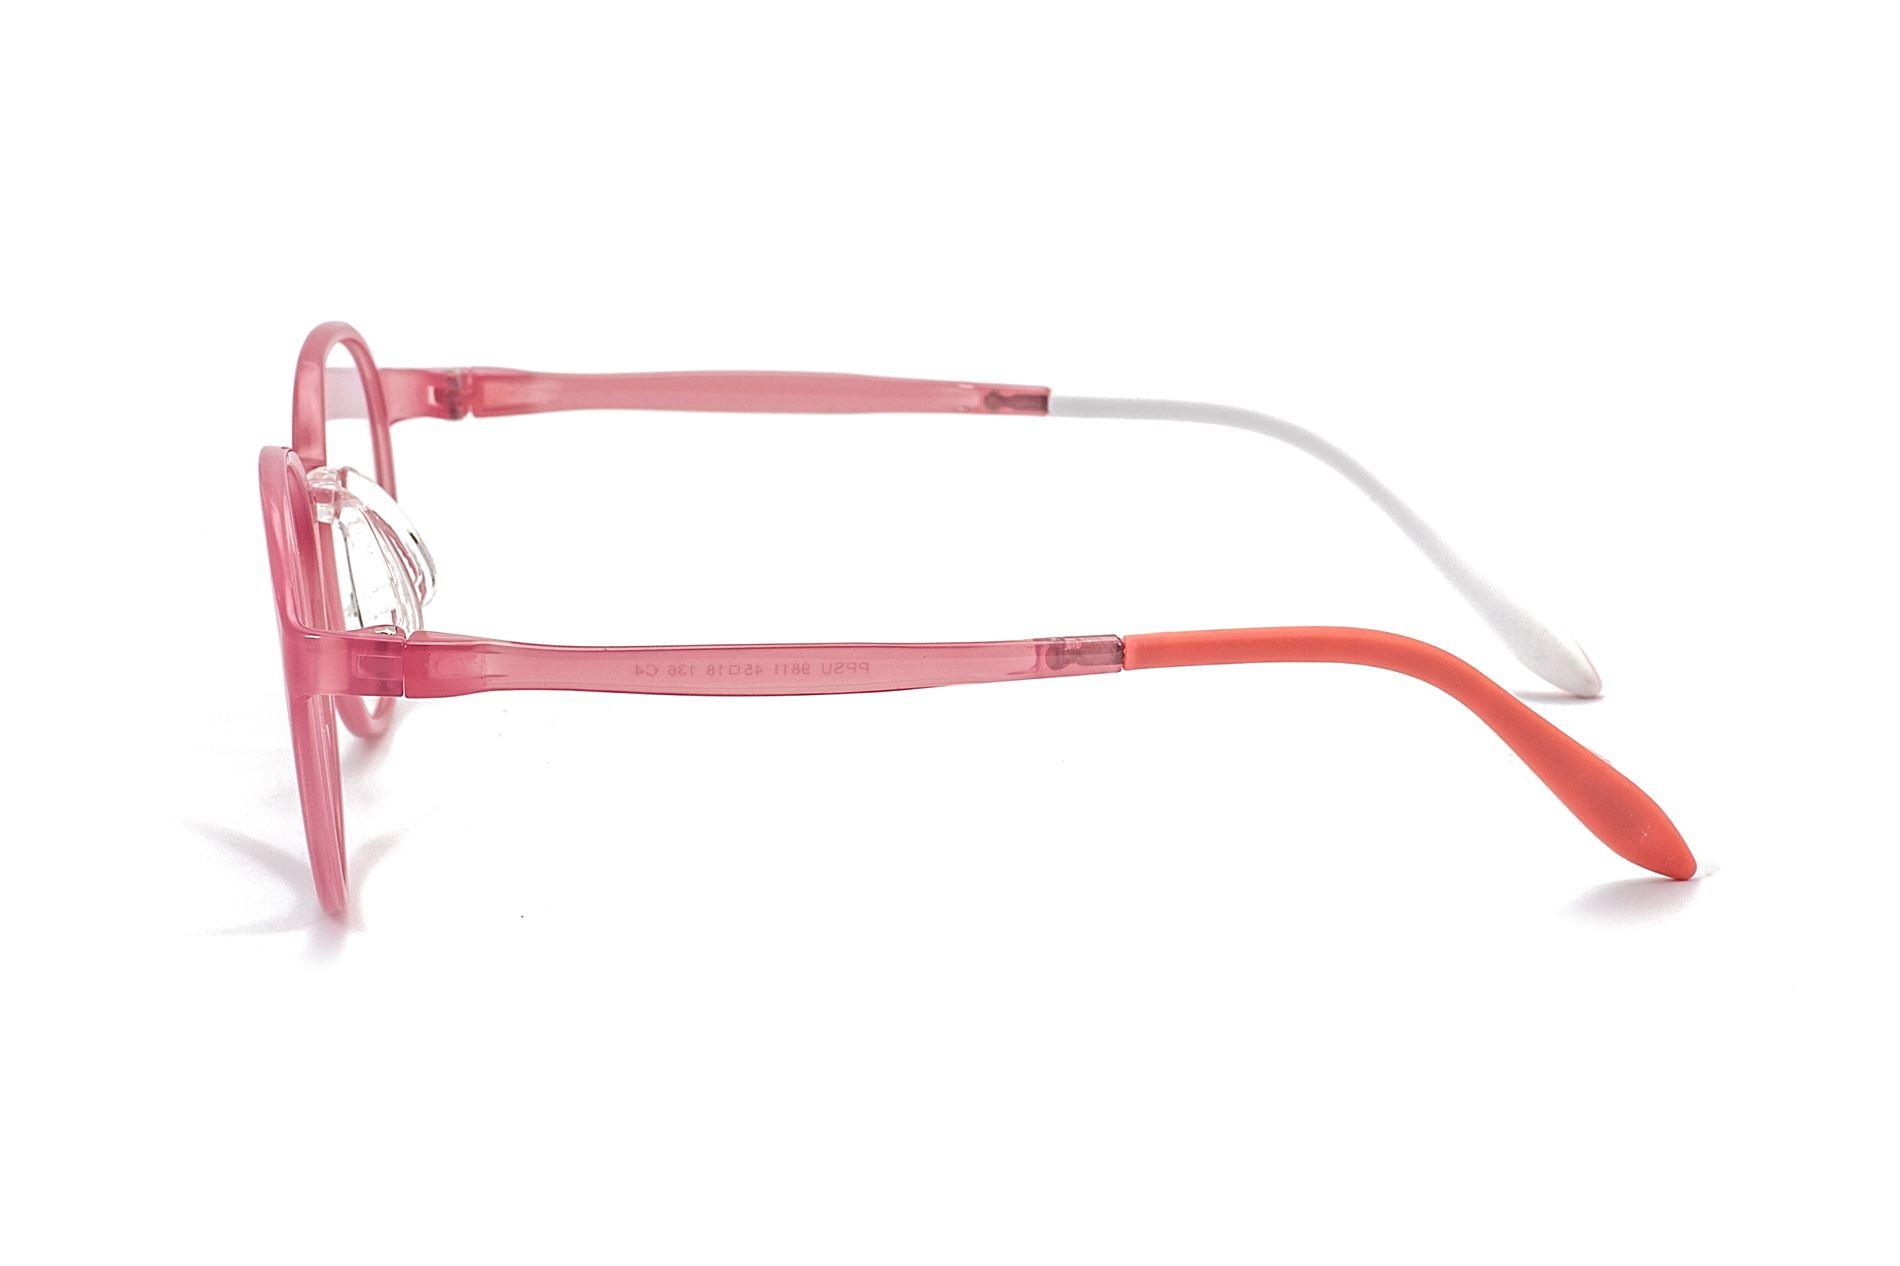 儿童抗蓝光眼镜含无度数镜片 9811-C43